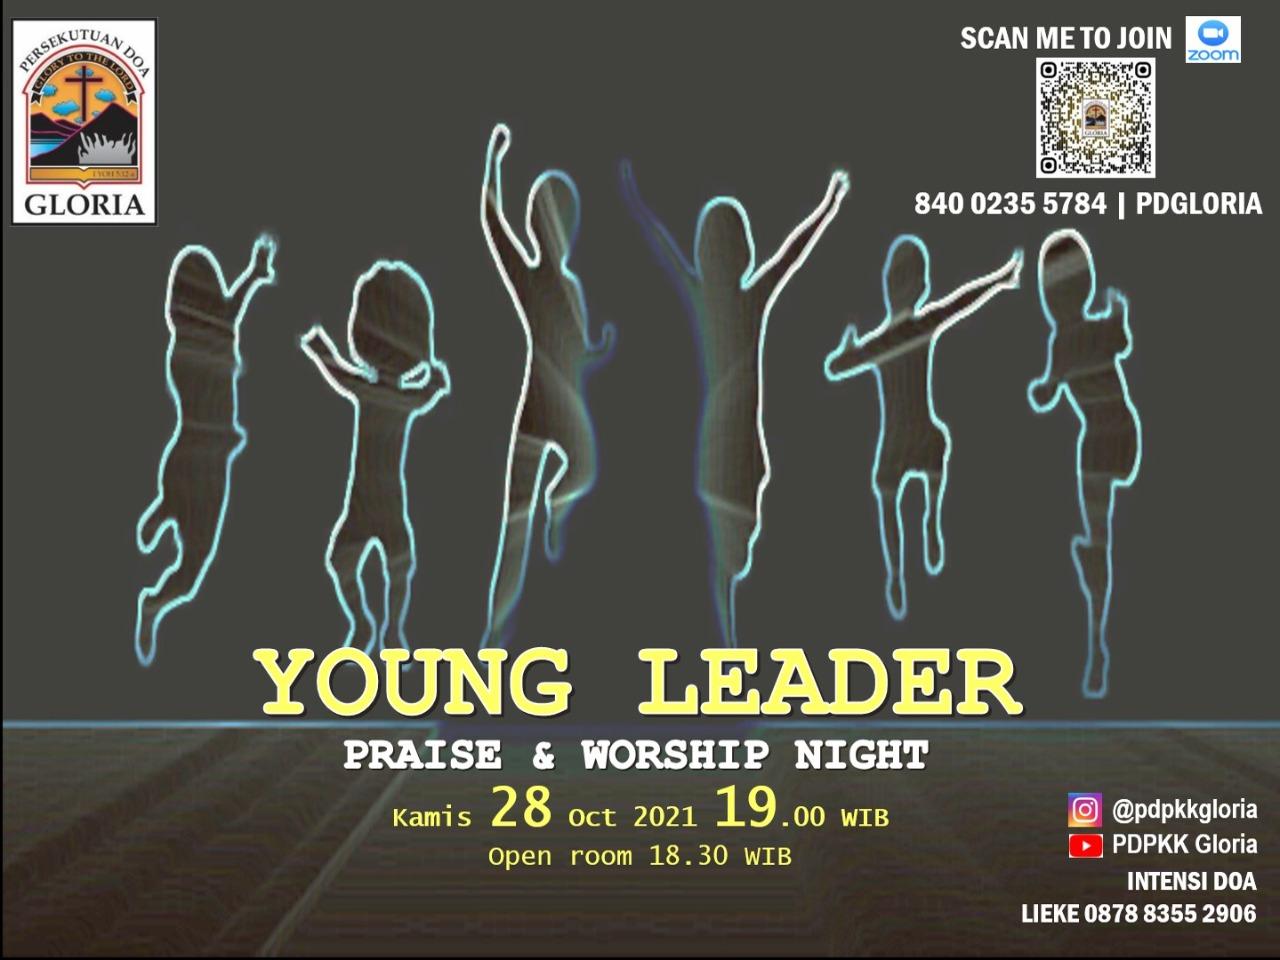 """PRAISE & WORSHIP NIGHT dengan tema """"YOUNG LEADER"""" tepat di hari SUMPAH PEMUDA"""